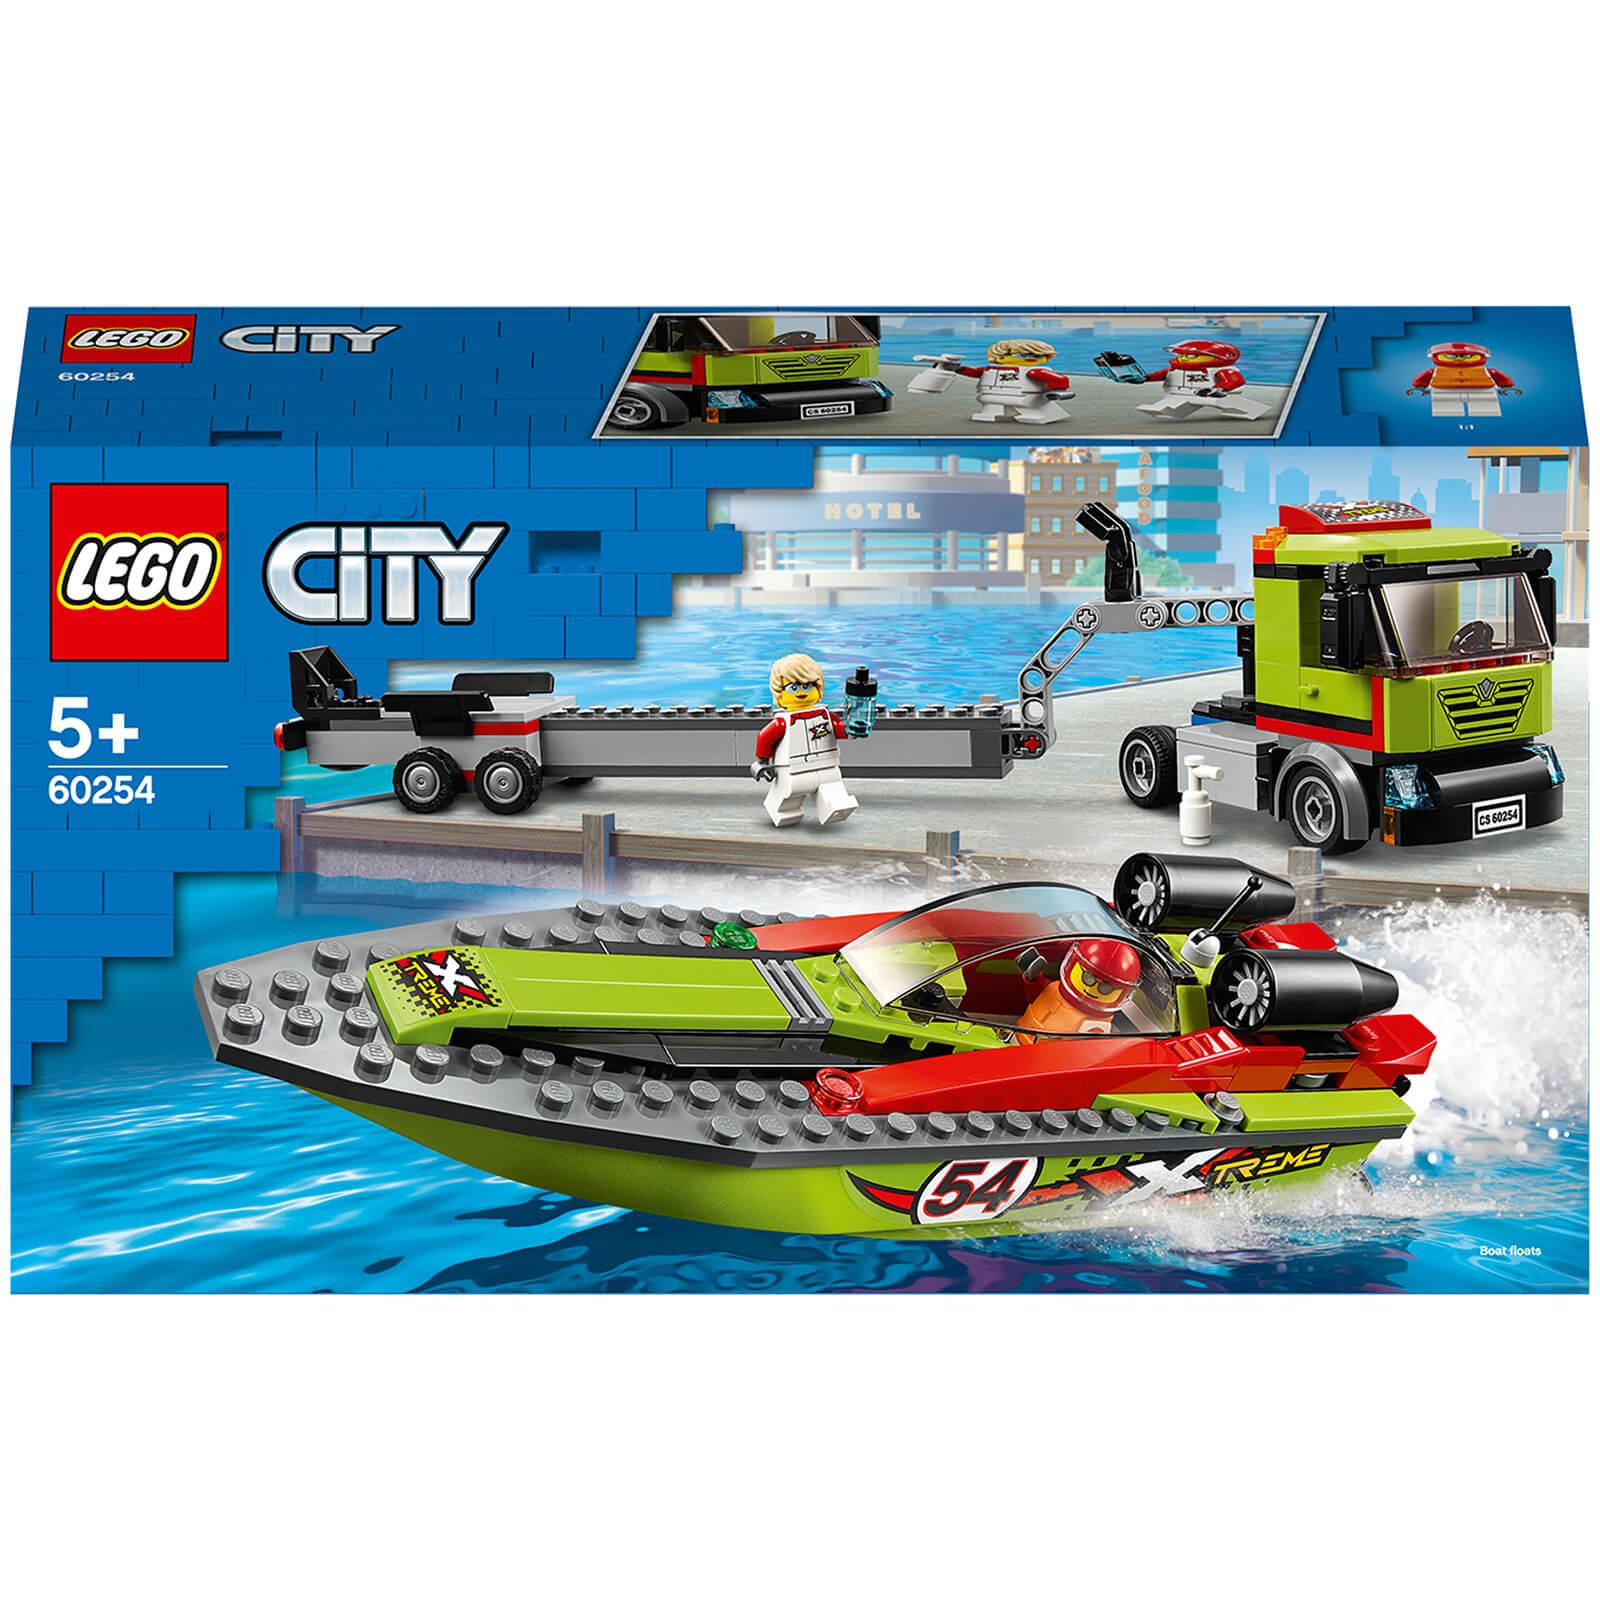 Lego City: Great Vehicles Race Boat Transporter Set (60254)-unisex